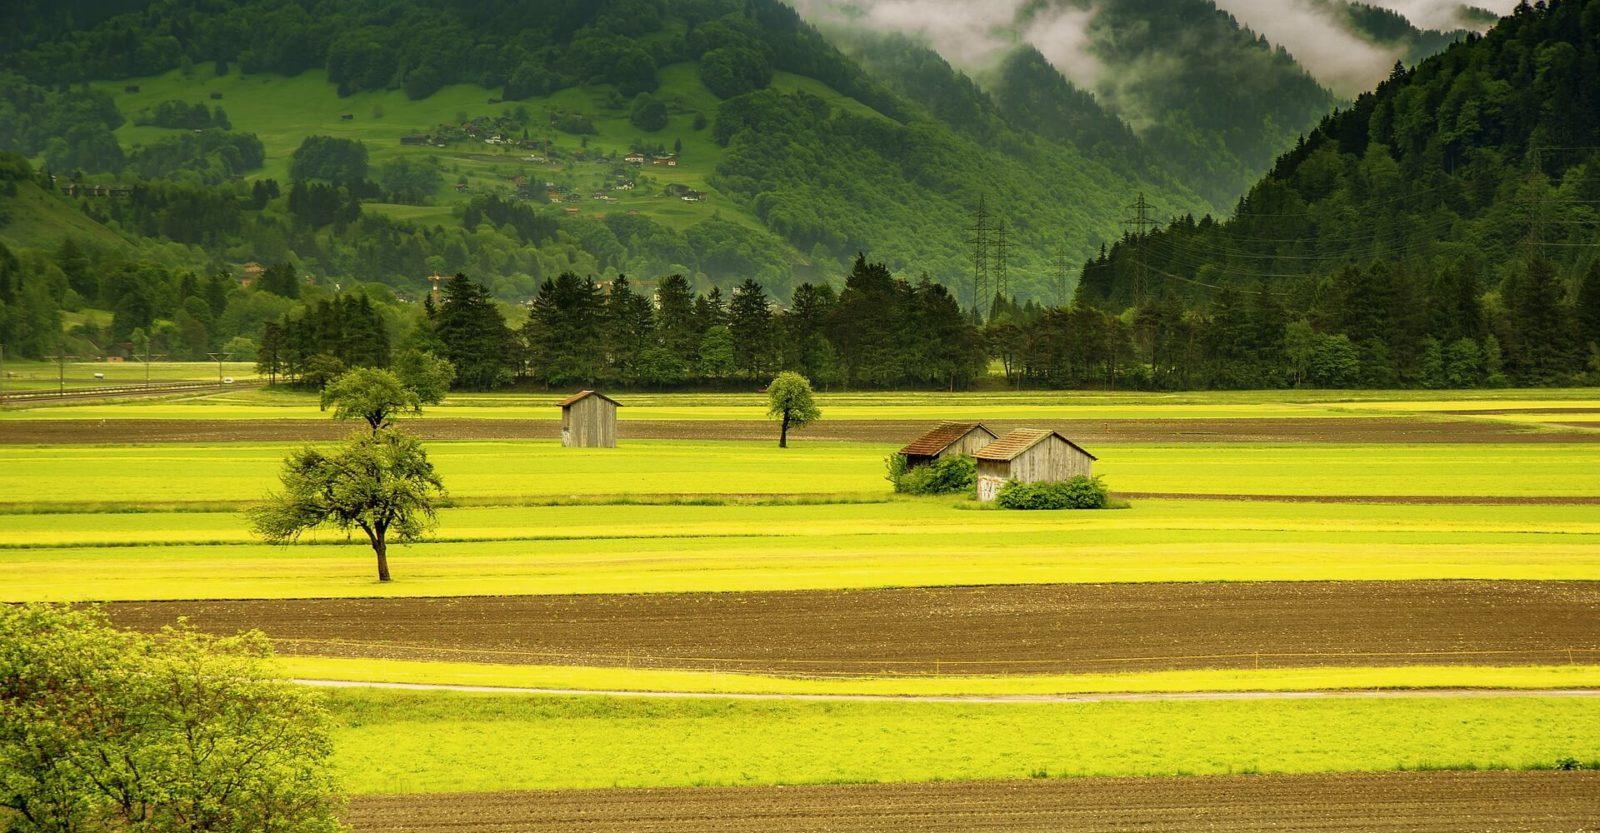 großes Grundstück mit dem Potential zur Grundstücksentwicklung und Grundstückserschließung. Mehr Infos für Grundstücksbesitzer